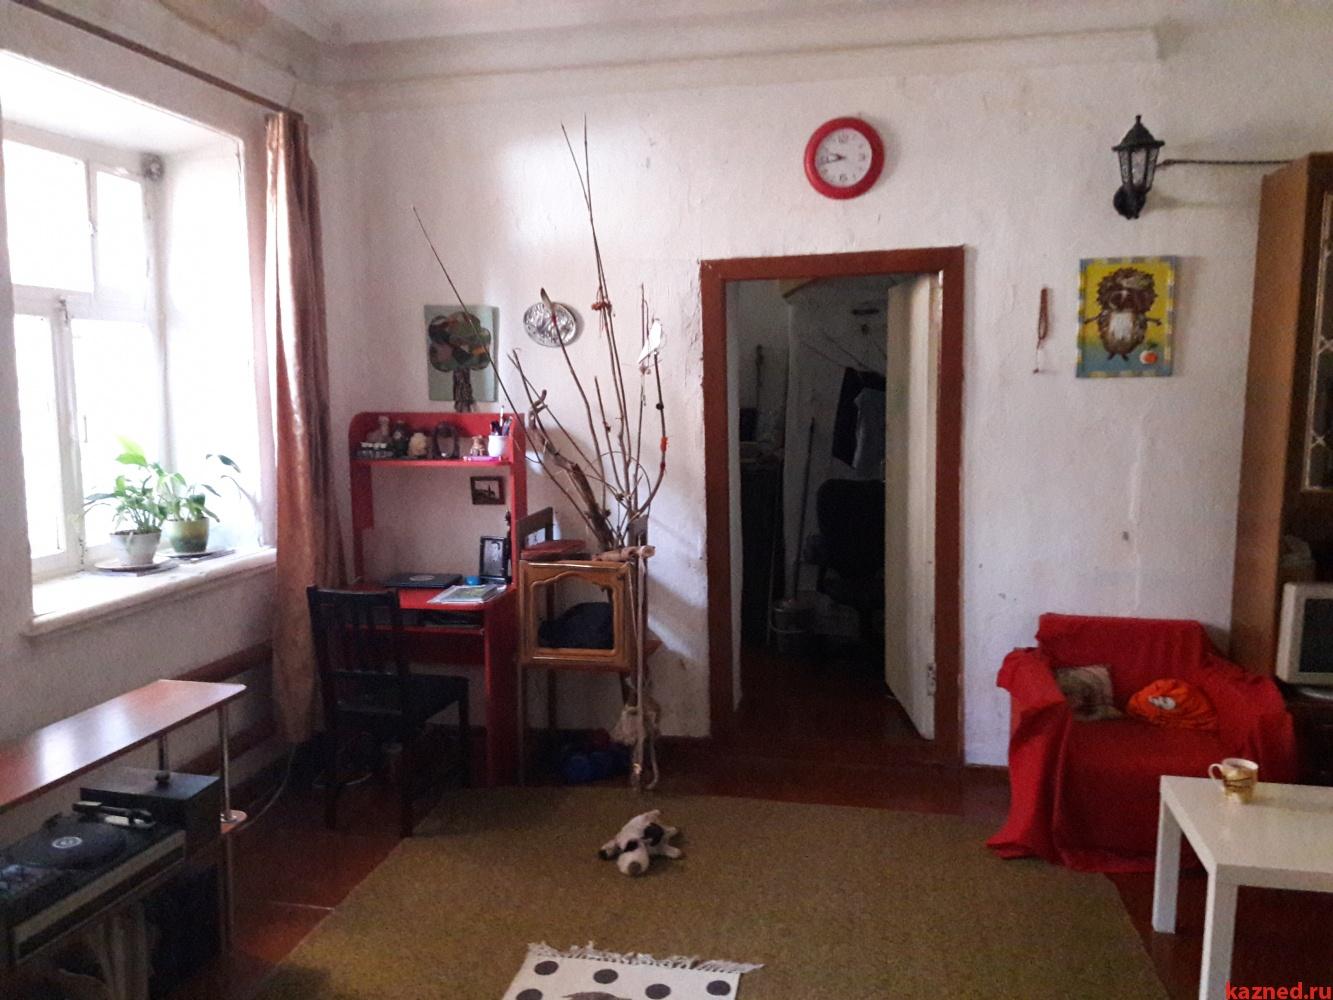 Продажа 2-к квартиры Галактионова, 12, 38 м2  (миниатюра №3)